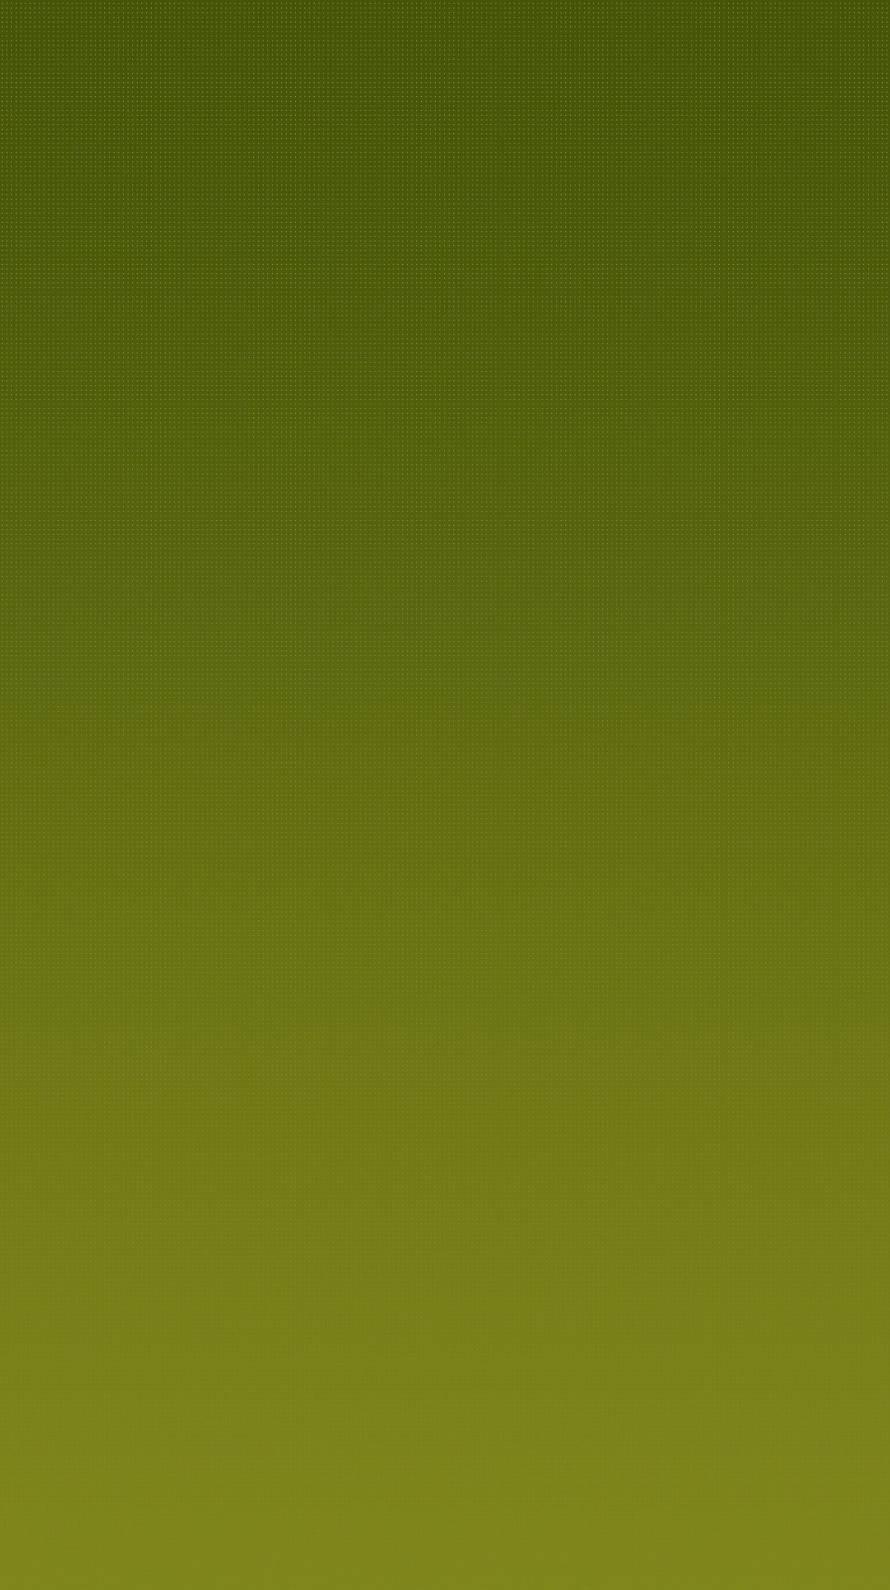 抹茶色 iPhone6壁紙